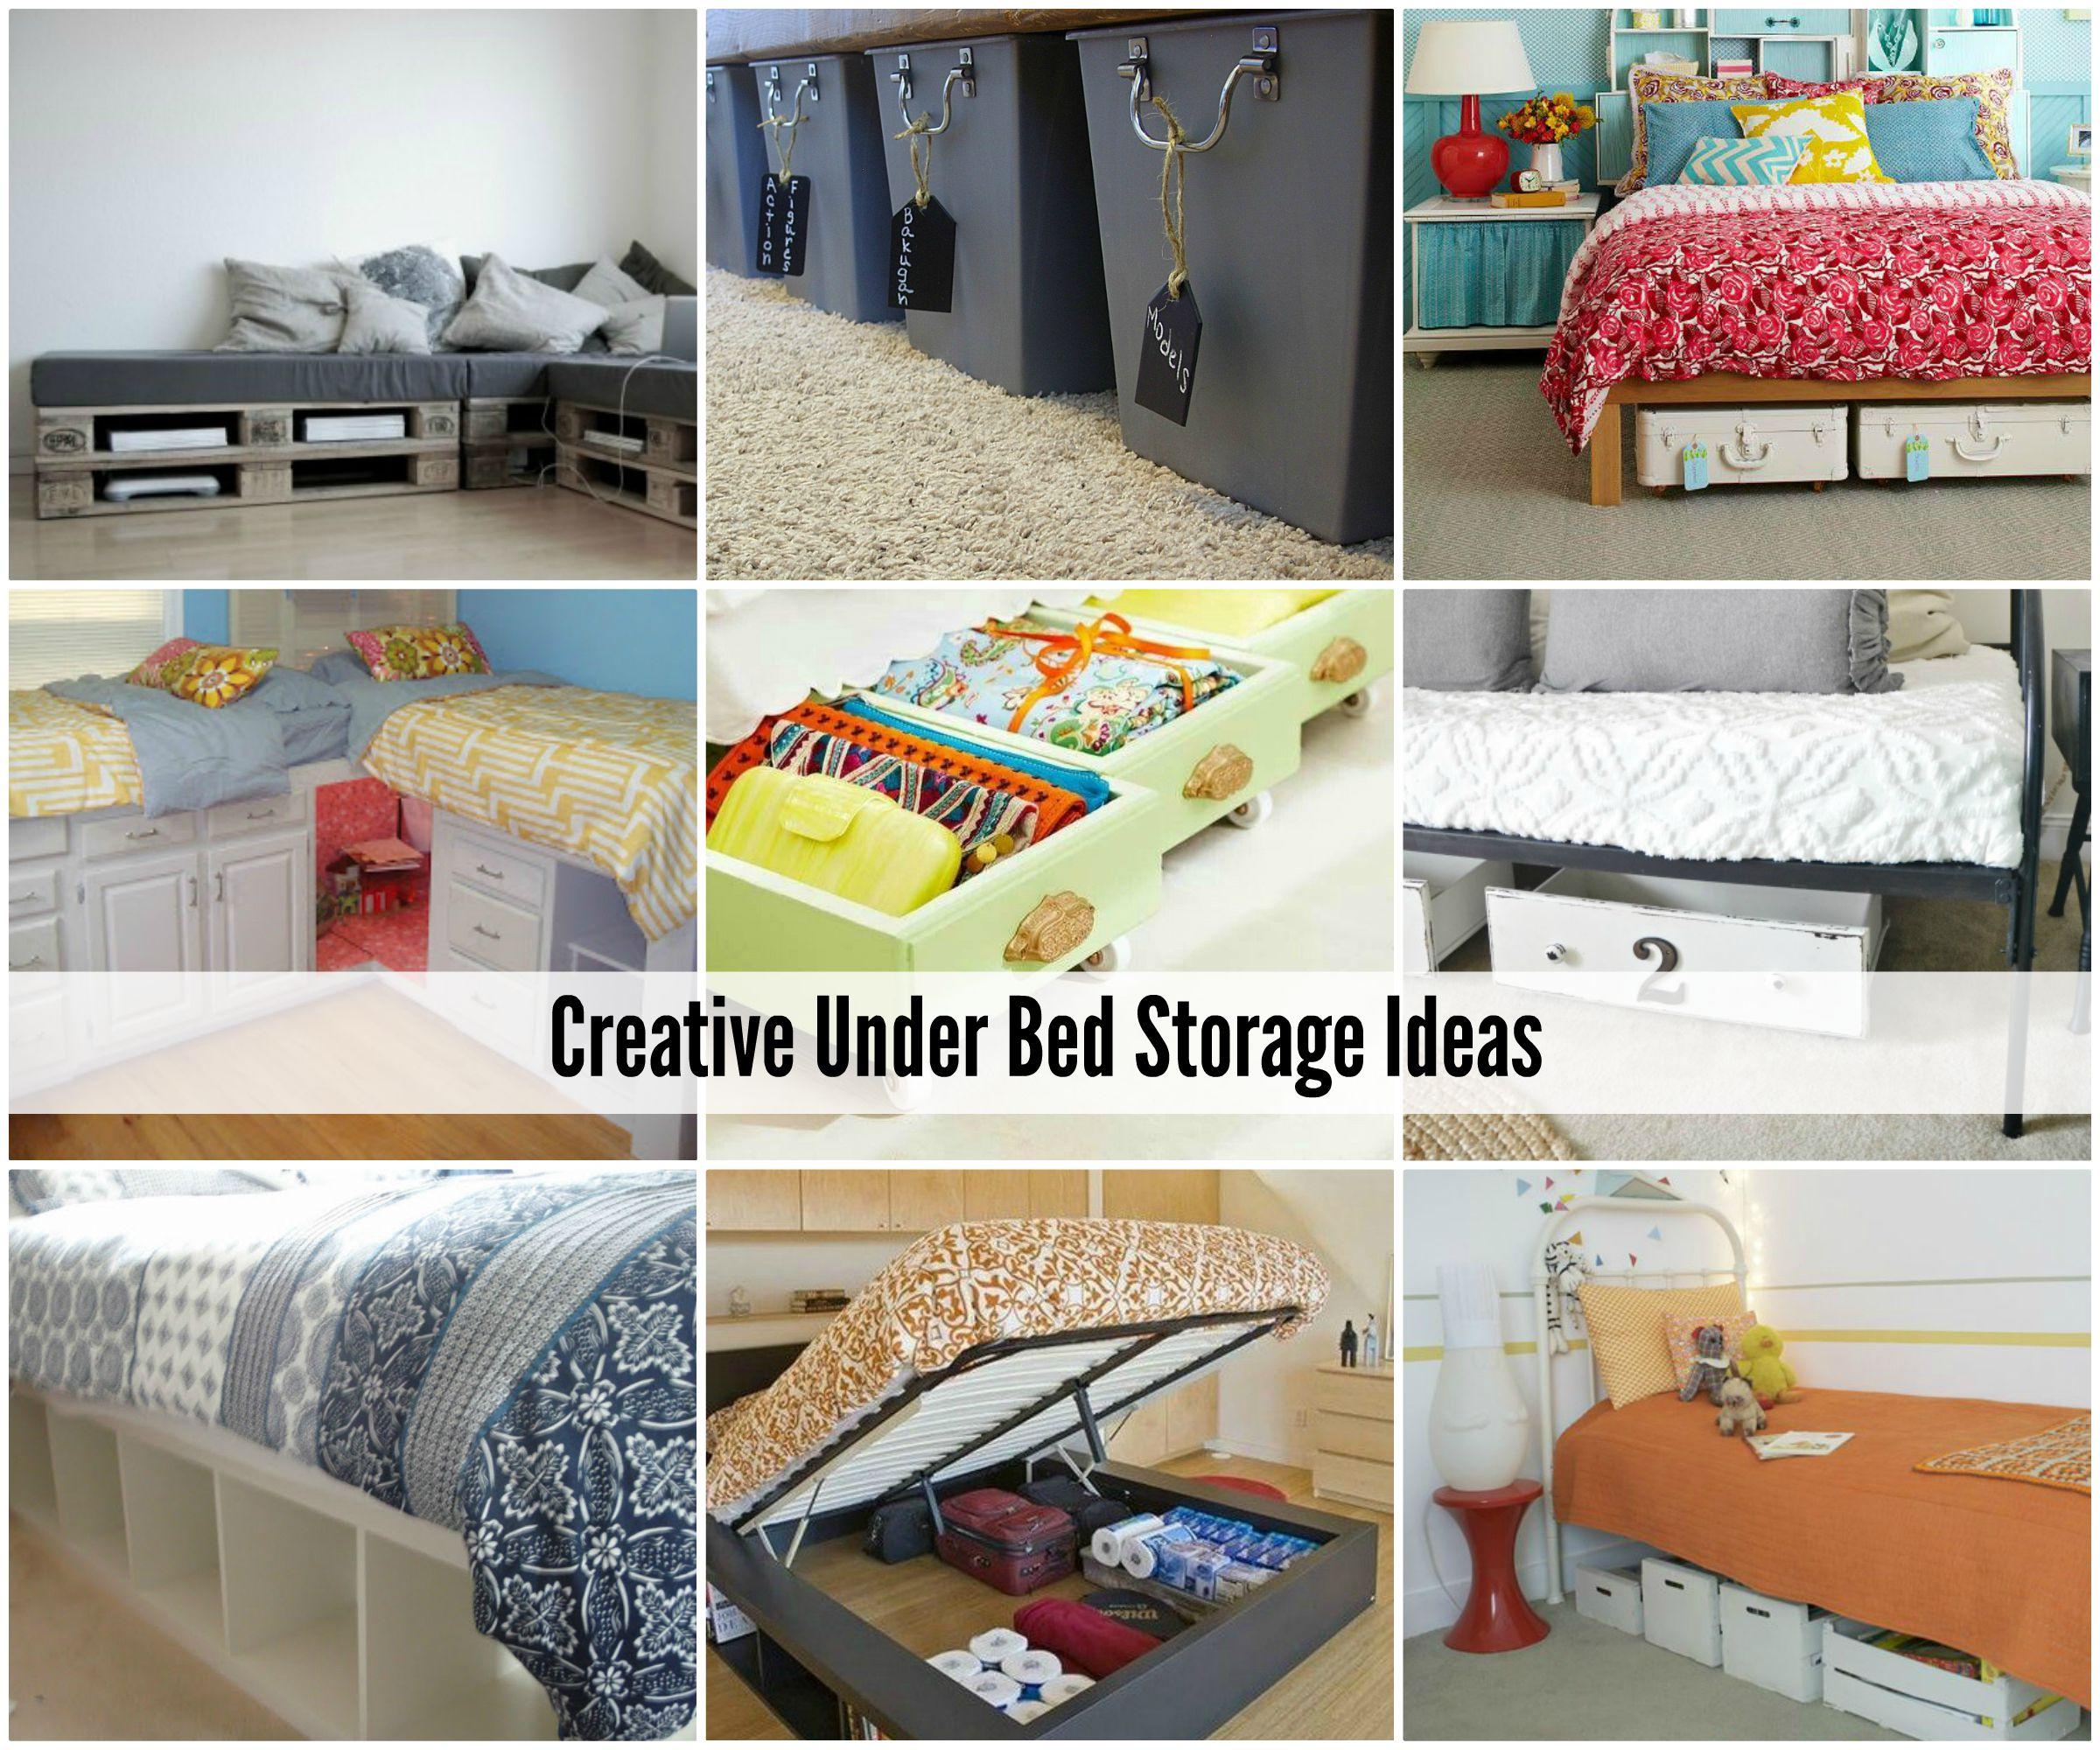 Creative-Under-Bed-Storage-Ideas